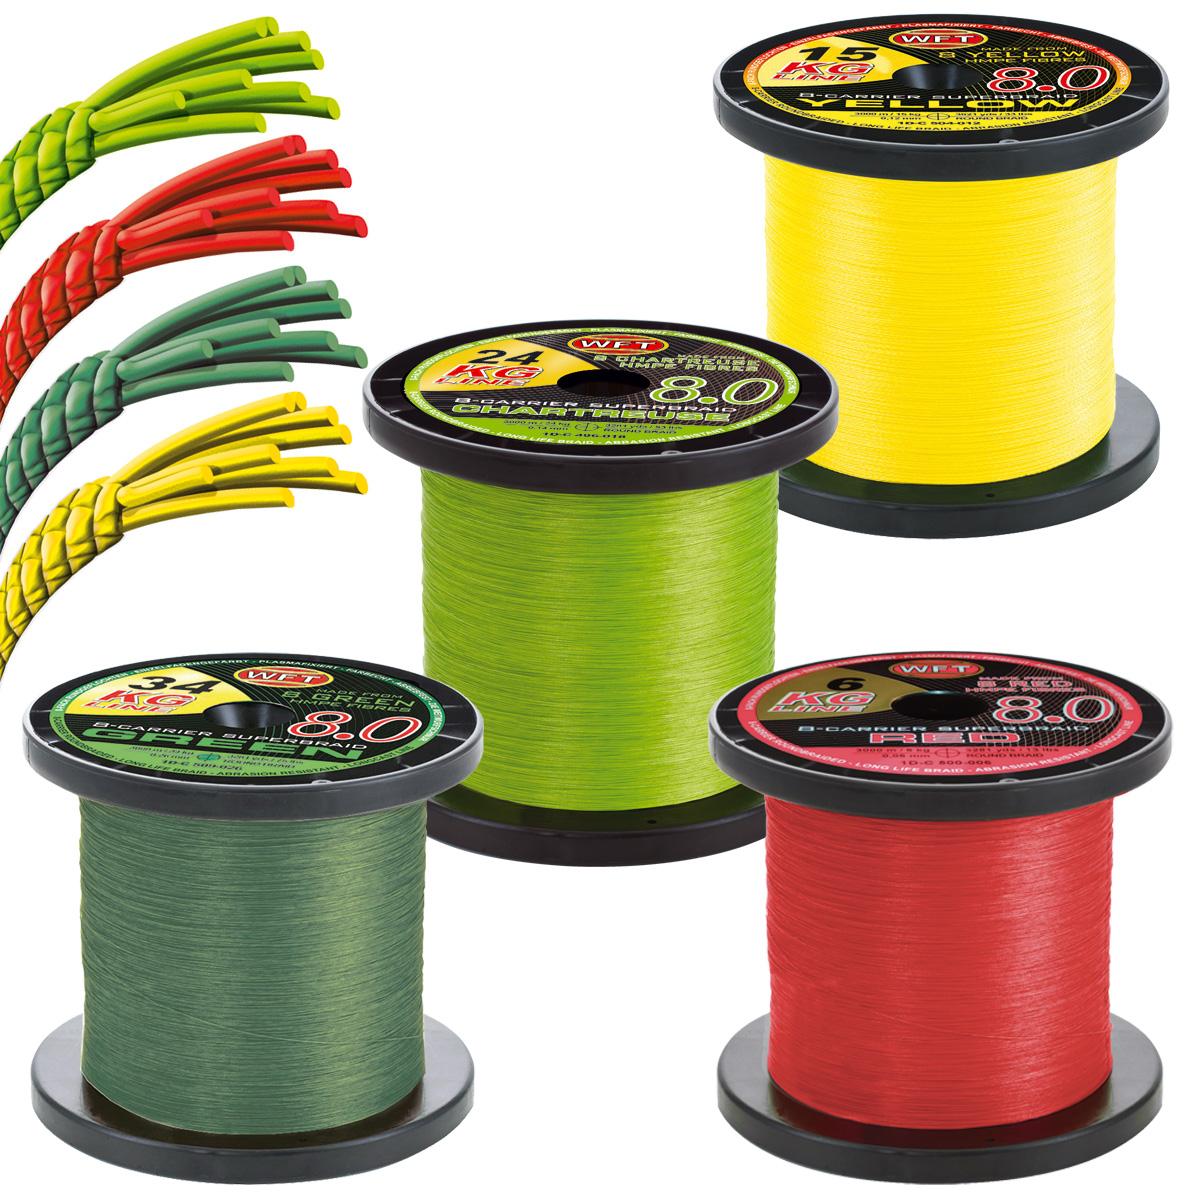 WFT KG 8.0 je 50m geflochtene Angelschnur in Gelb oder Grün